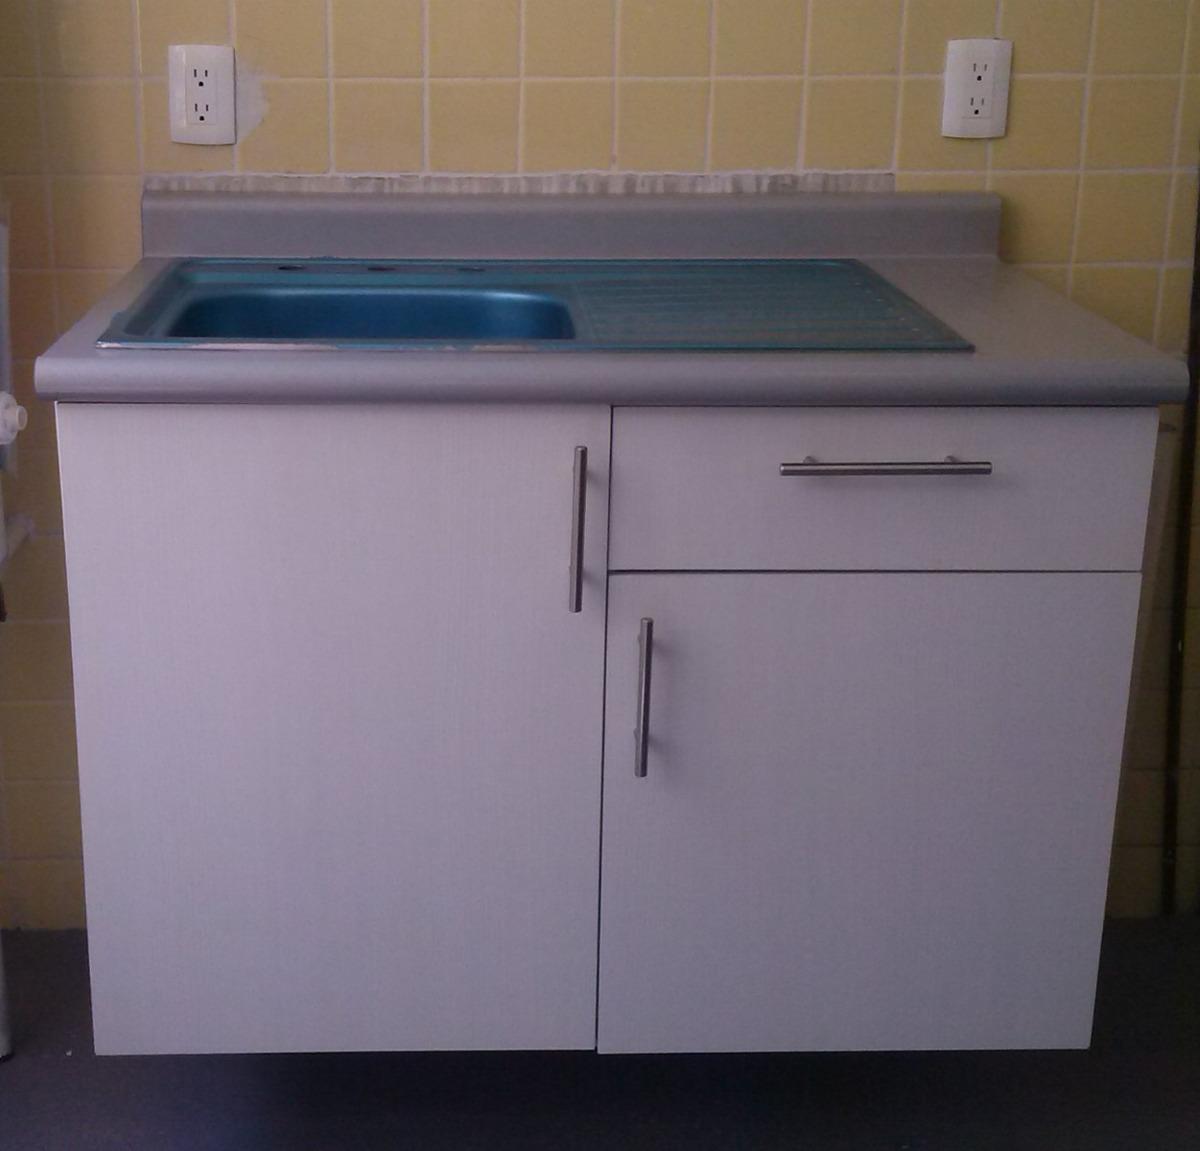 Mueble Para Fregadero Con Tarja Para Cocina Integral Vv4   340000 en Mercado Libre